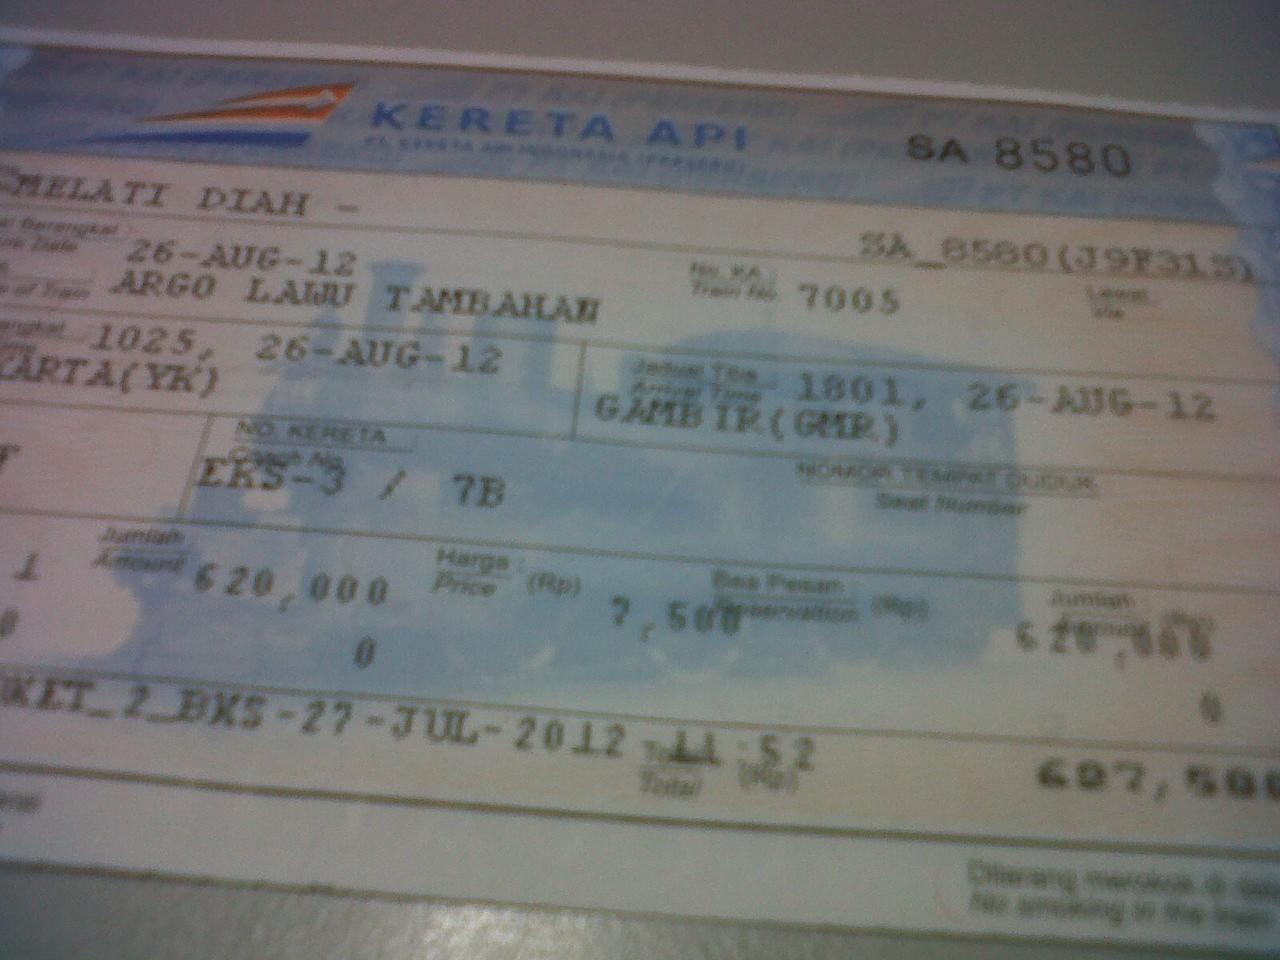 Jual Cepat 1 Tiket Kereta Api Jogja Jakarta Eksekutif Argo Lawu